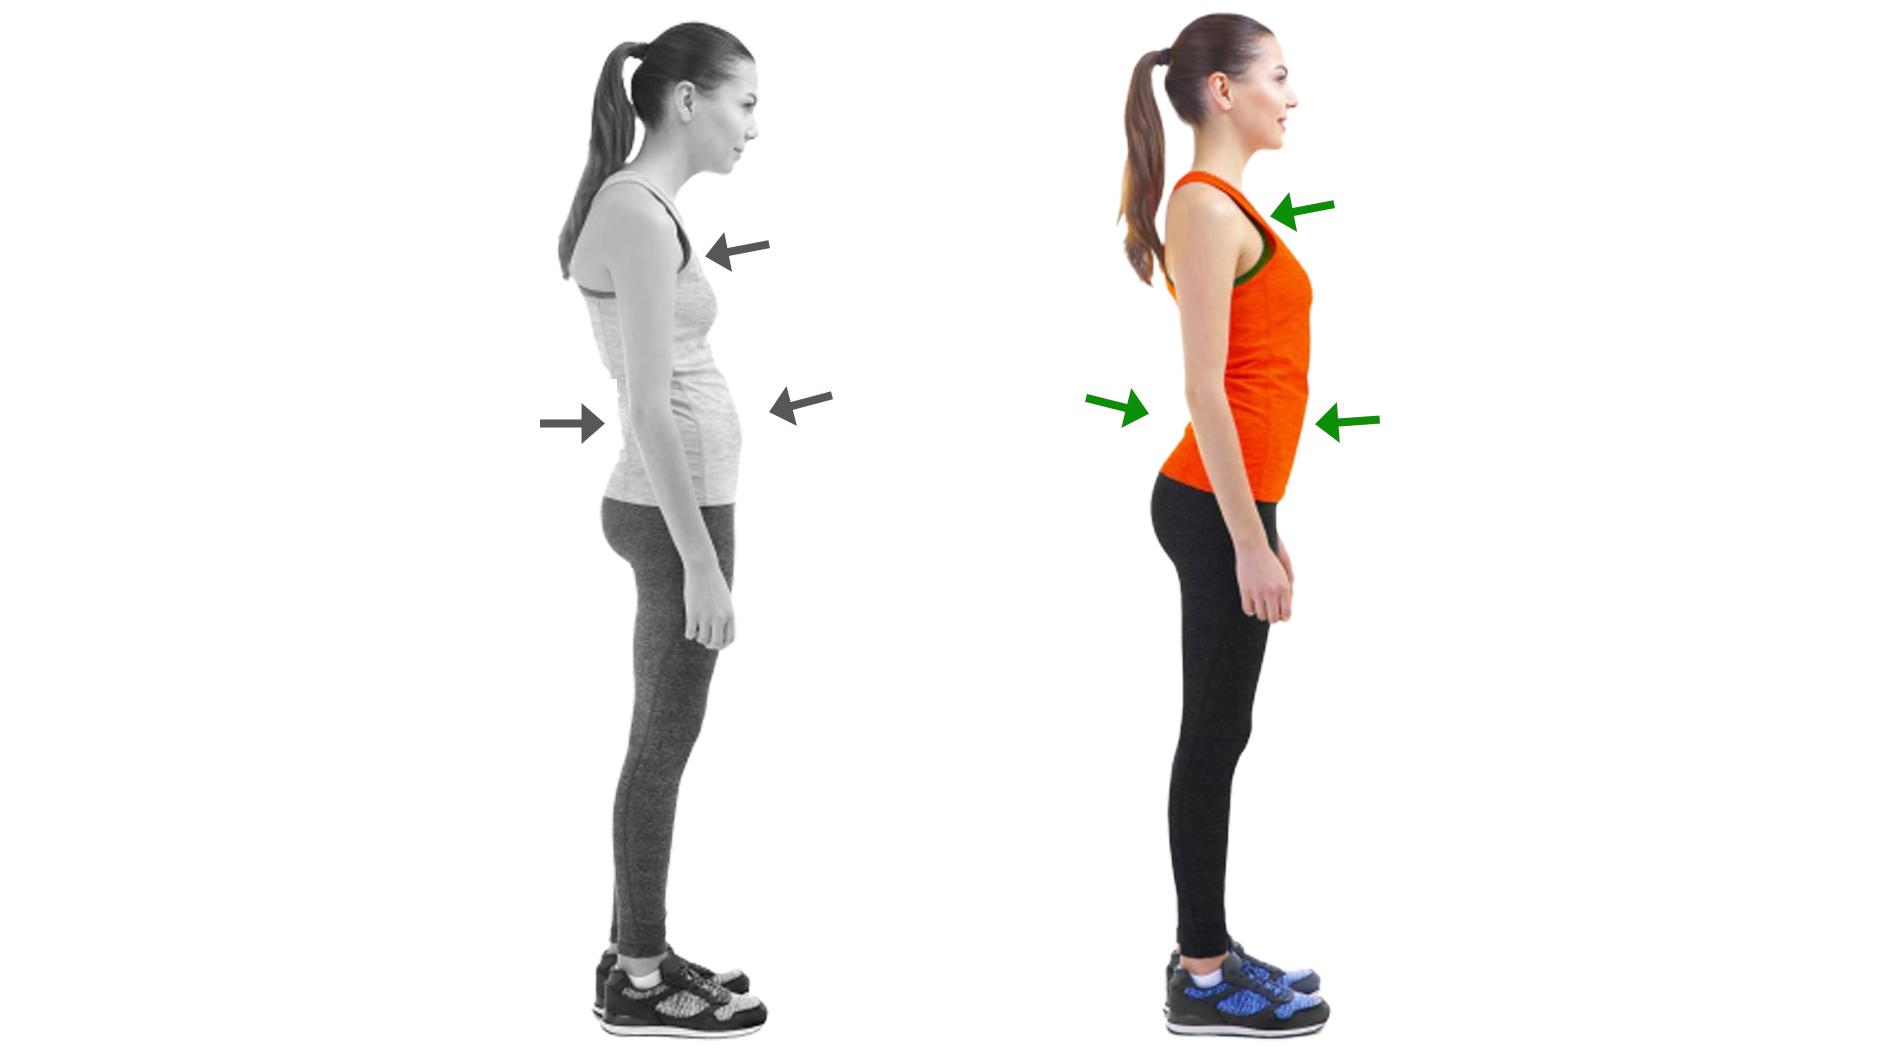 Невербальный язык тела: всё внимание на плечи. как расправить плечи для преодоления сутулости? упражнения, рекомендации и отзывы